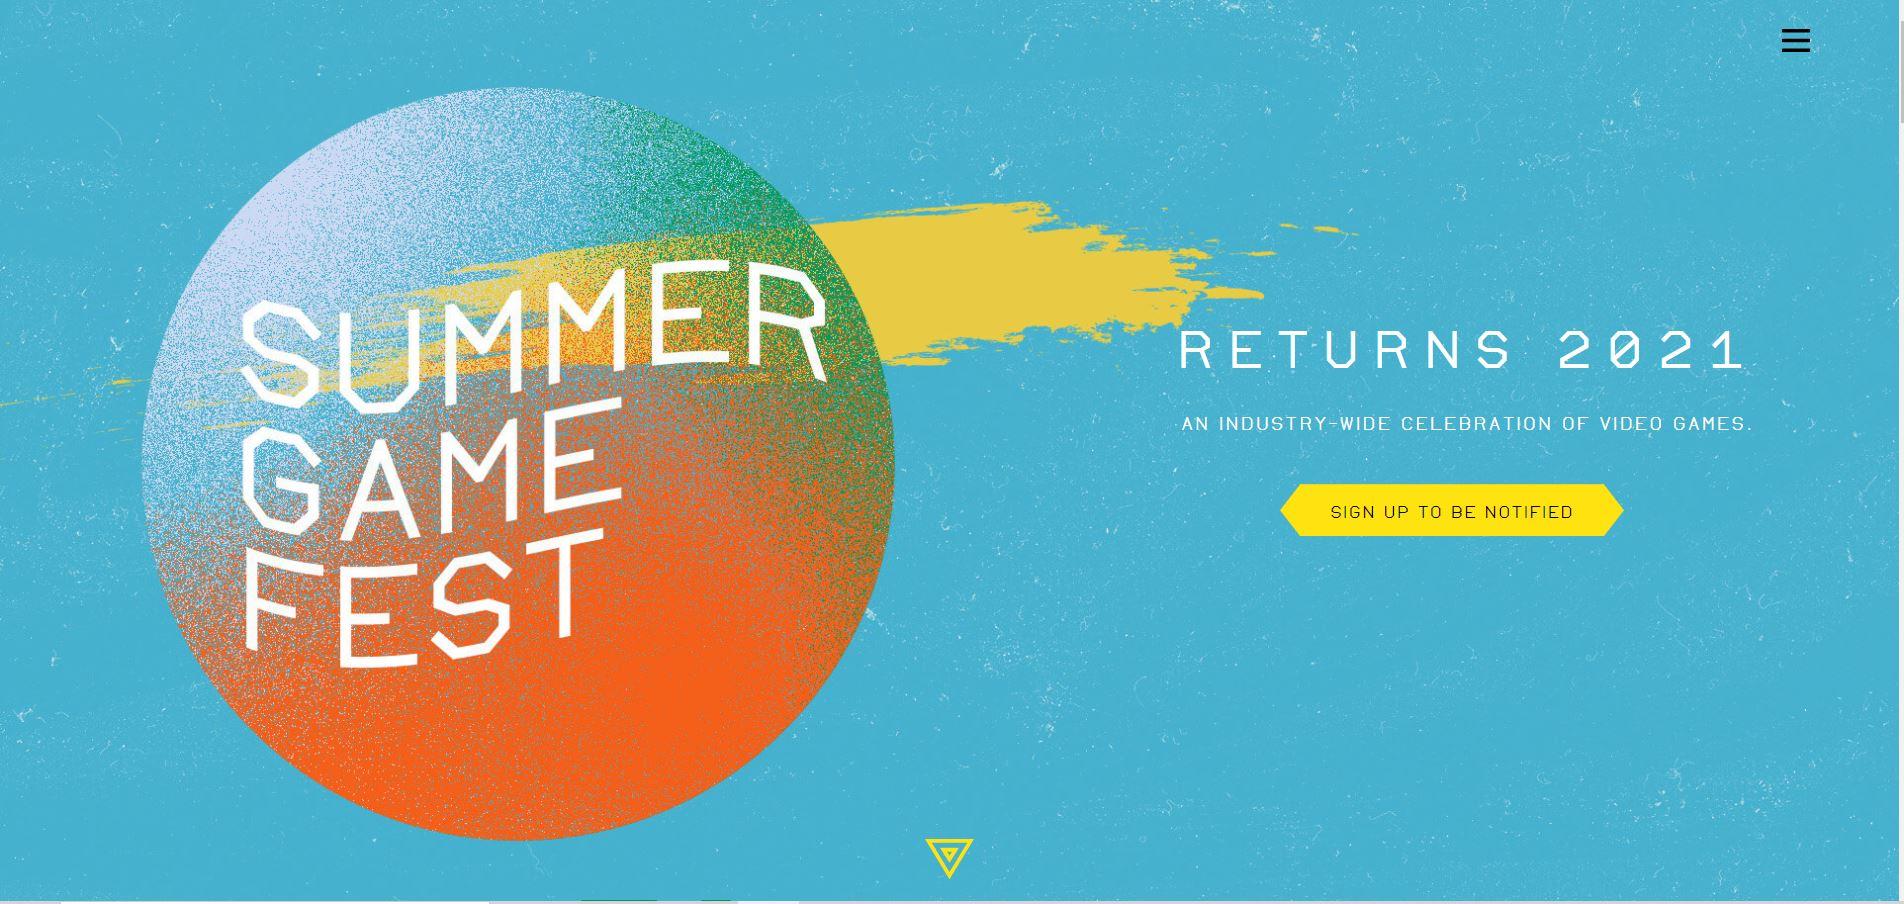 ไลฟ์สตรีม Summer Game Fest ประกาศกลับมาอีกครั้งในปี 2021